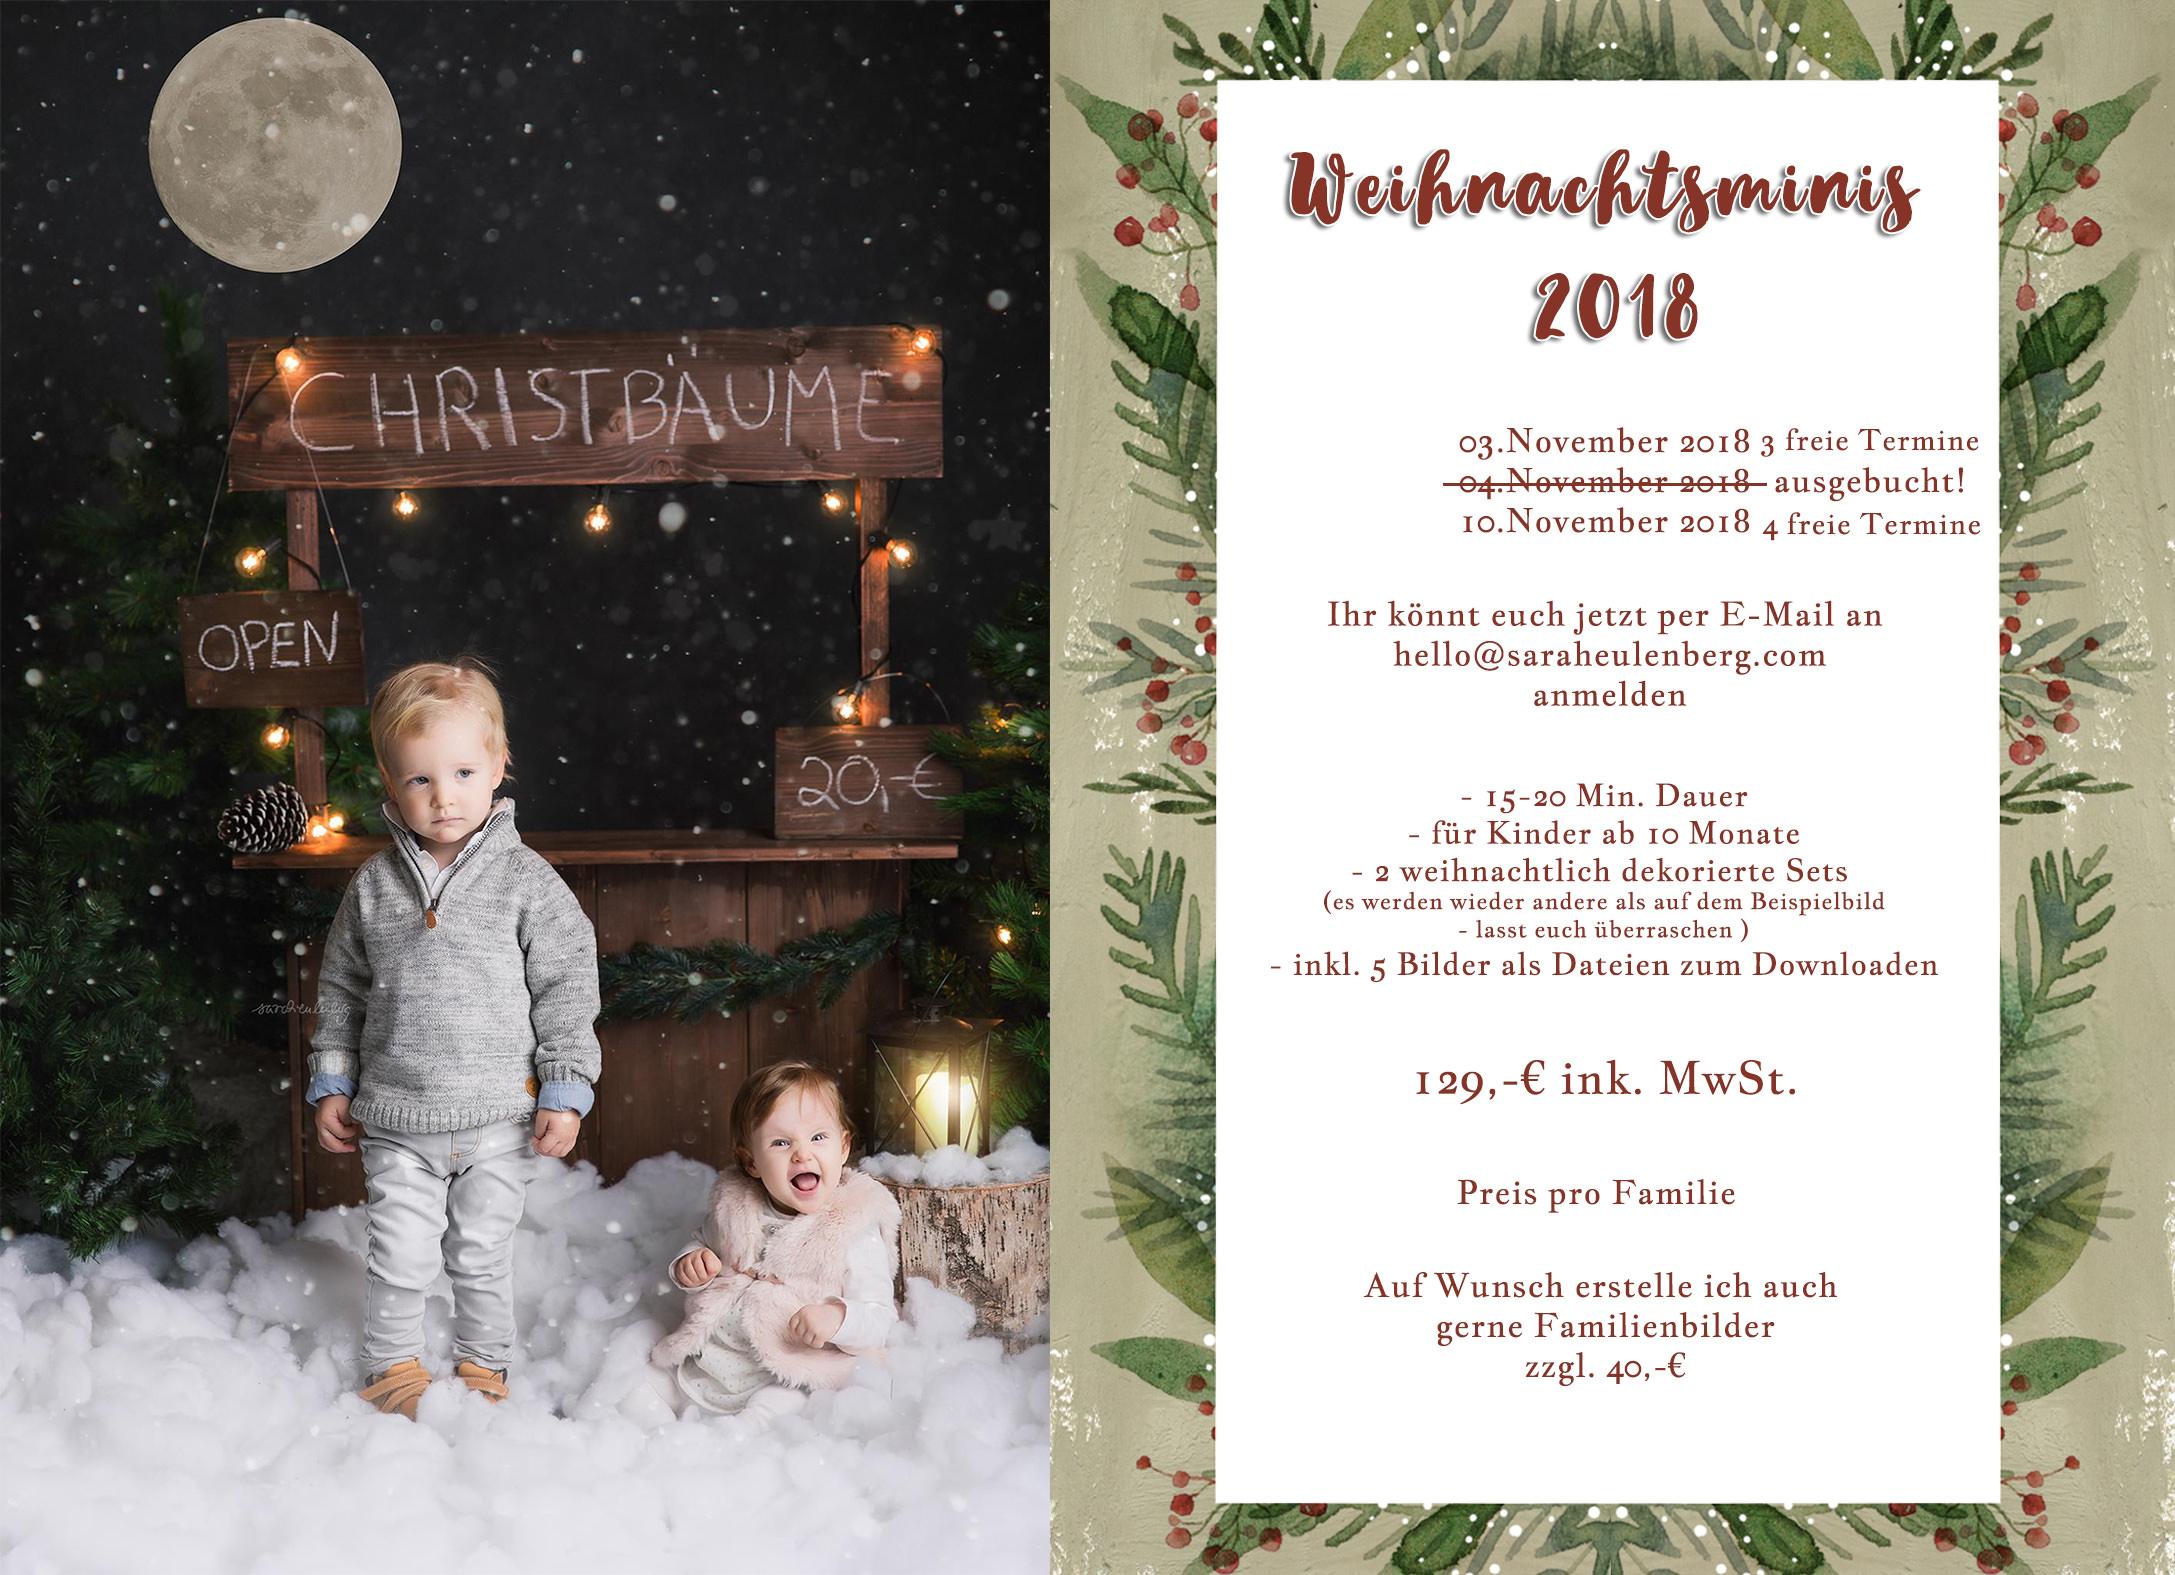 Weihnachtsmini-Shootings-2018